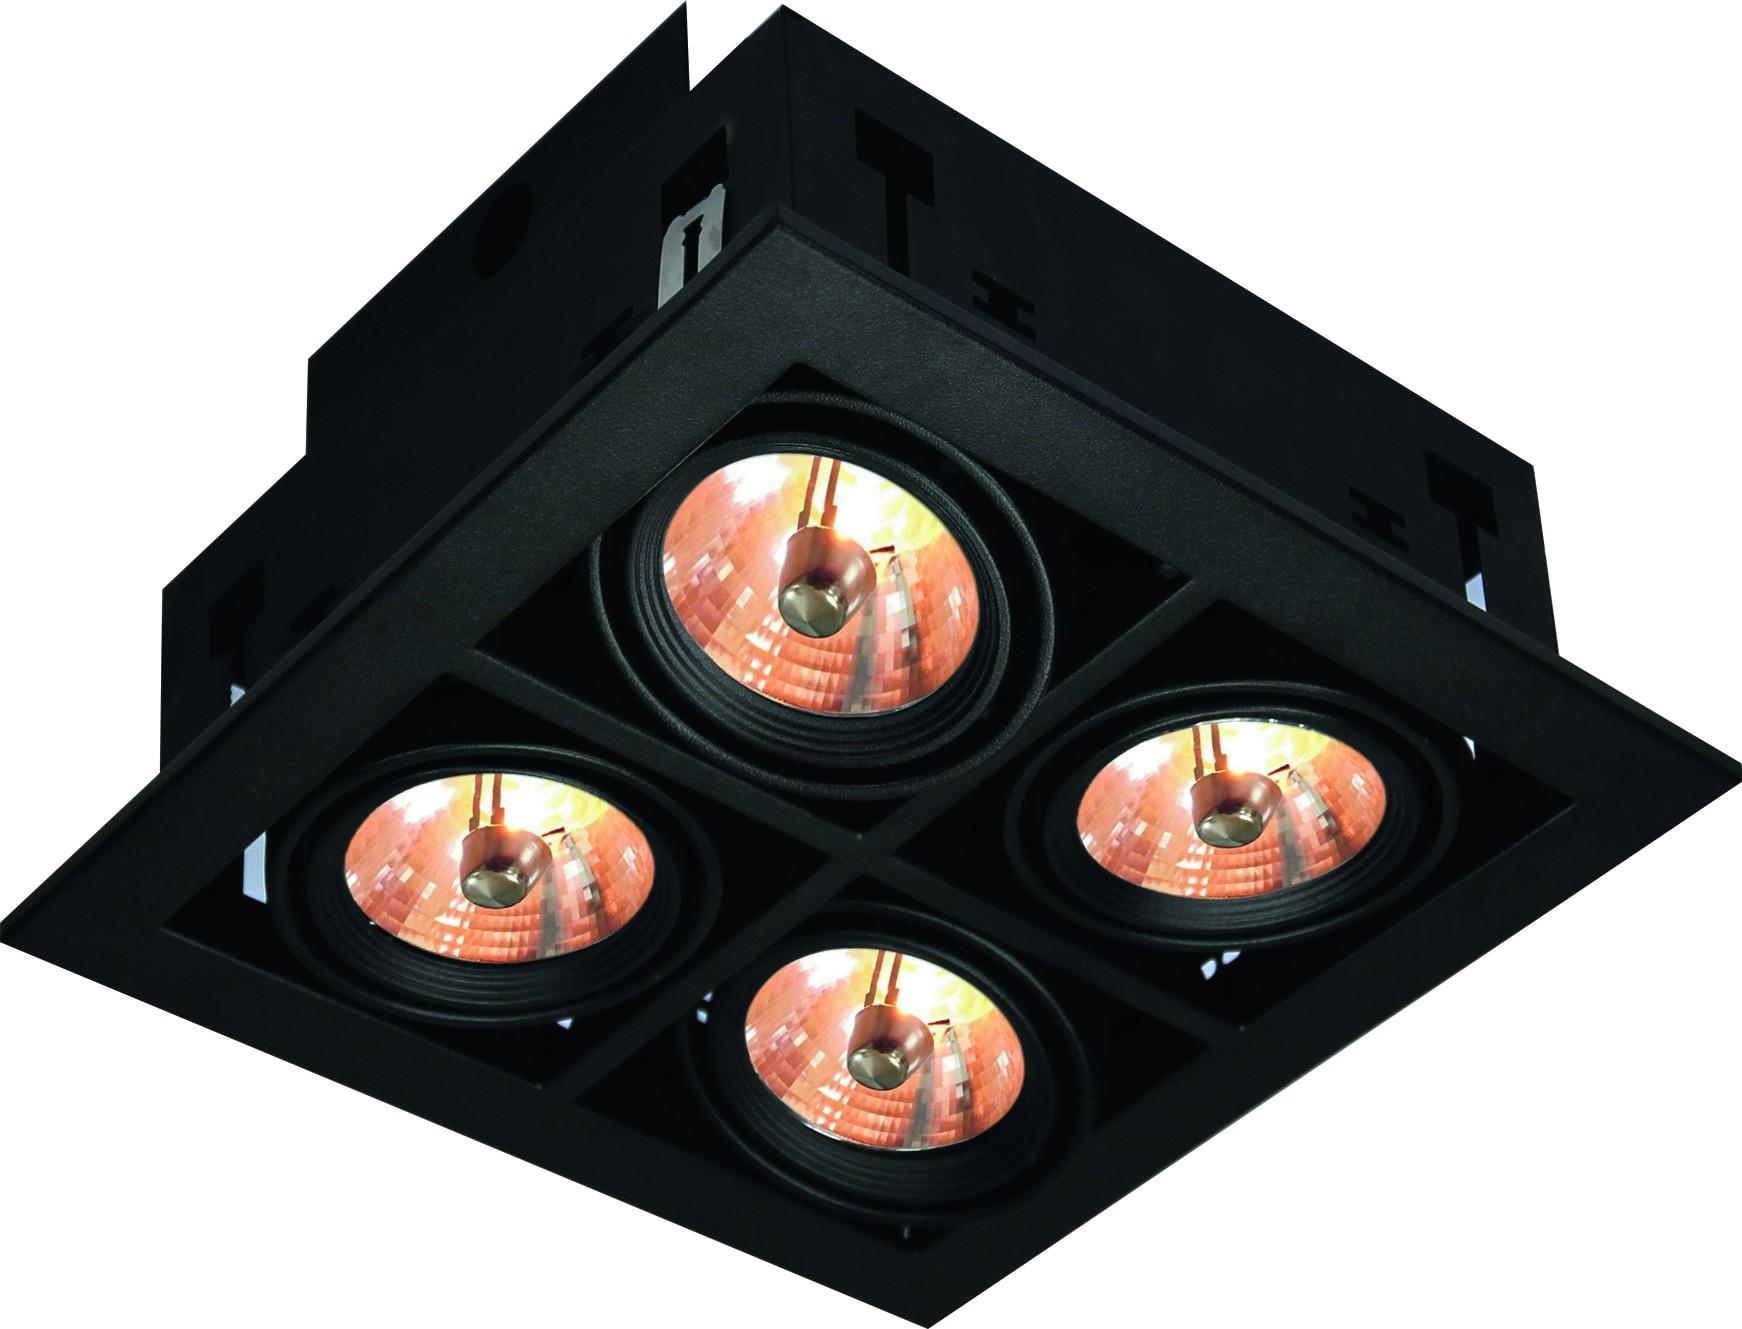 Светильник встраиваемый Arte lamp A5930pl-4bk встраиваемый светильник arte lamp cardani a5930pl 4bk